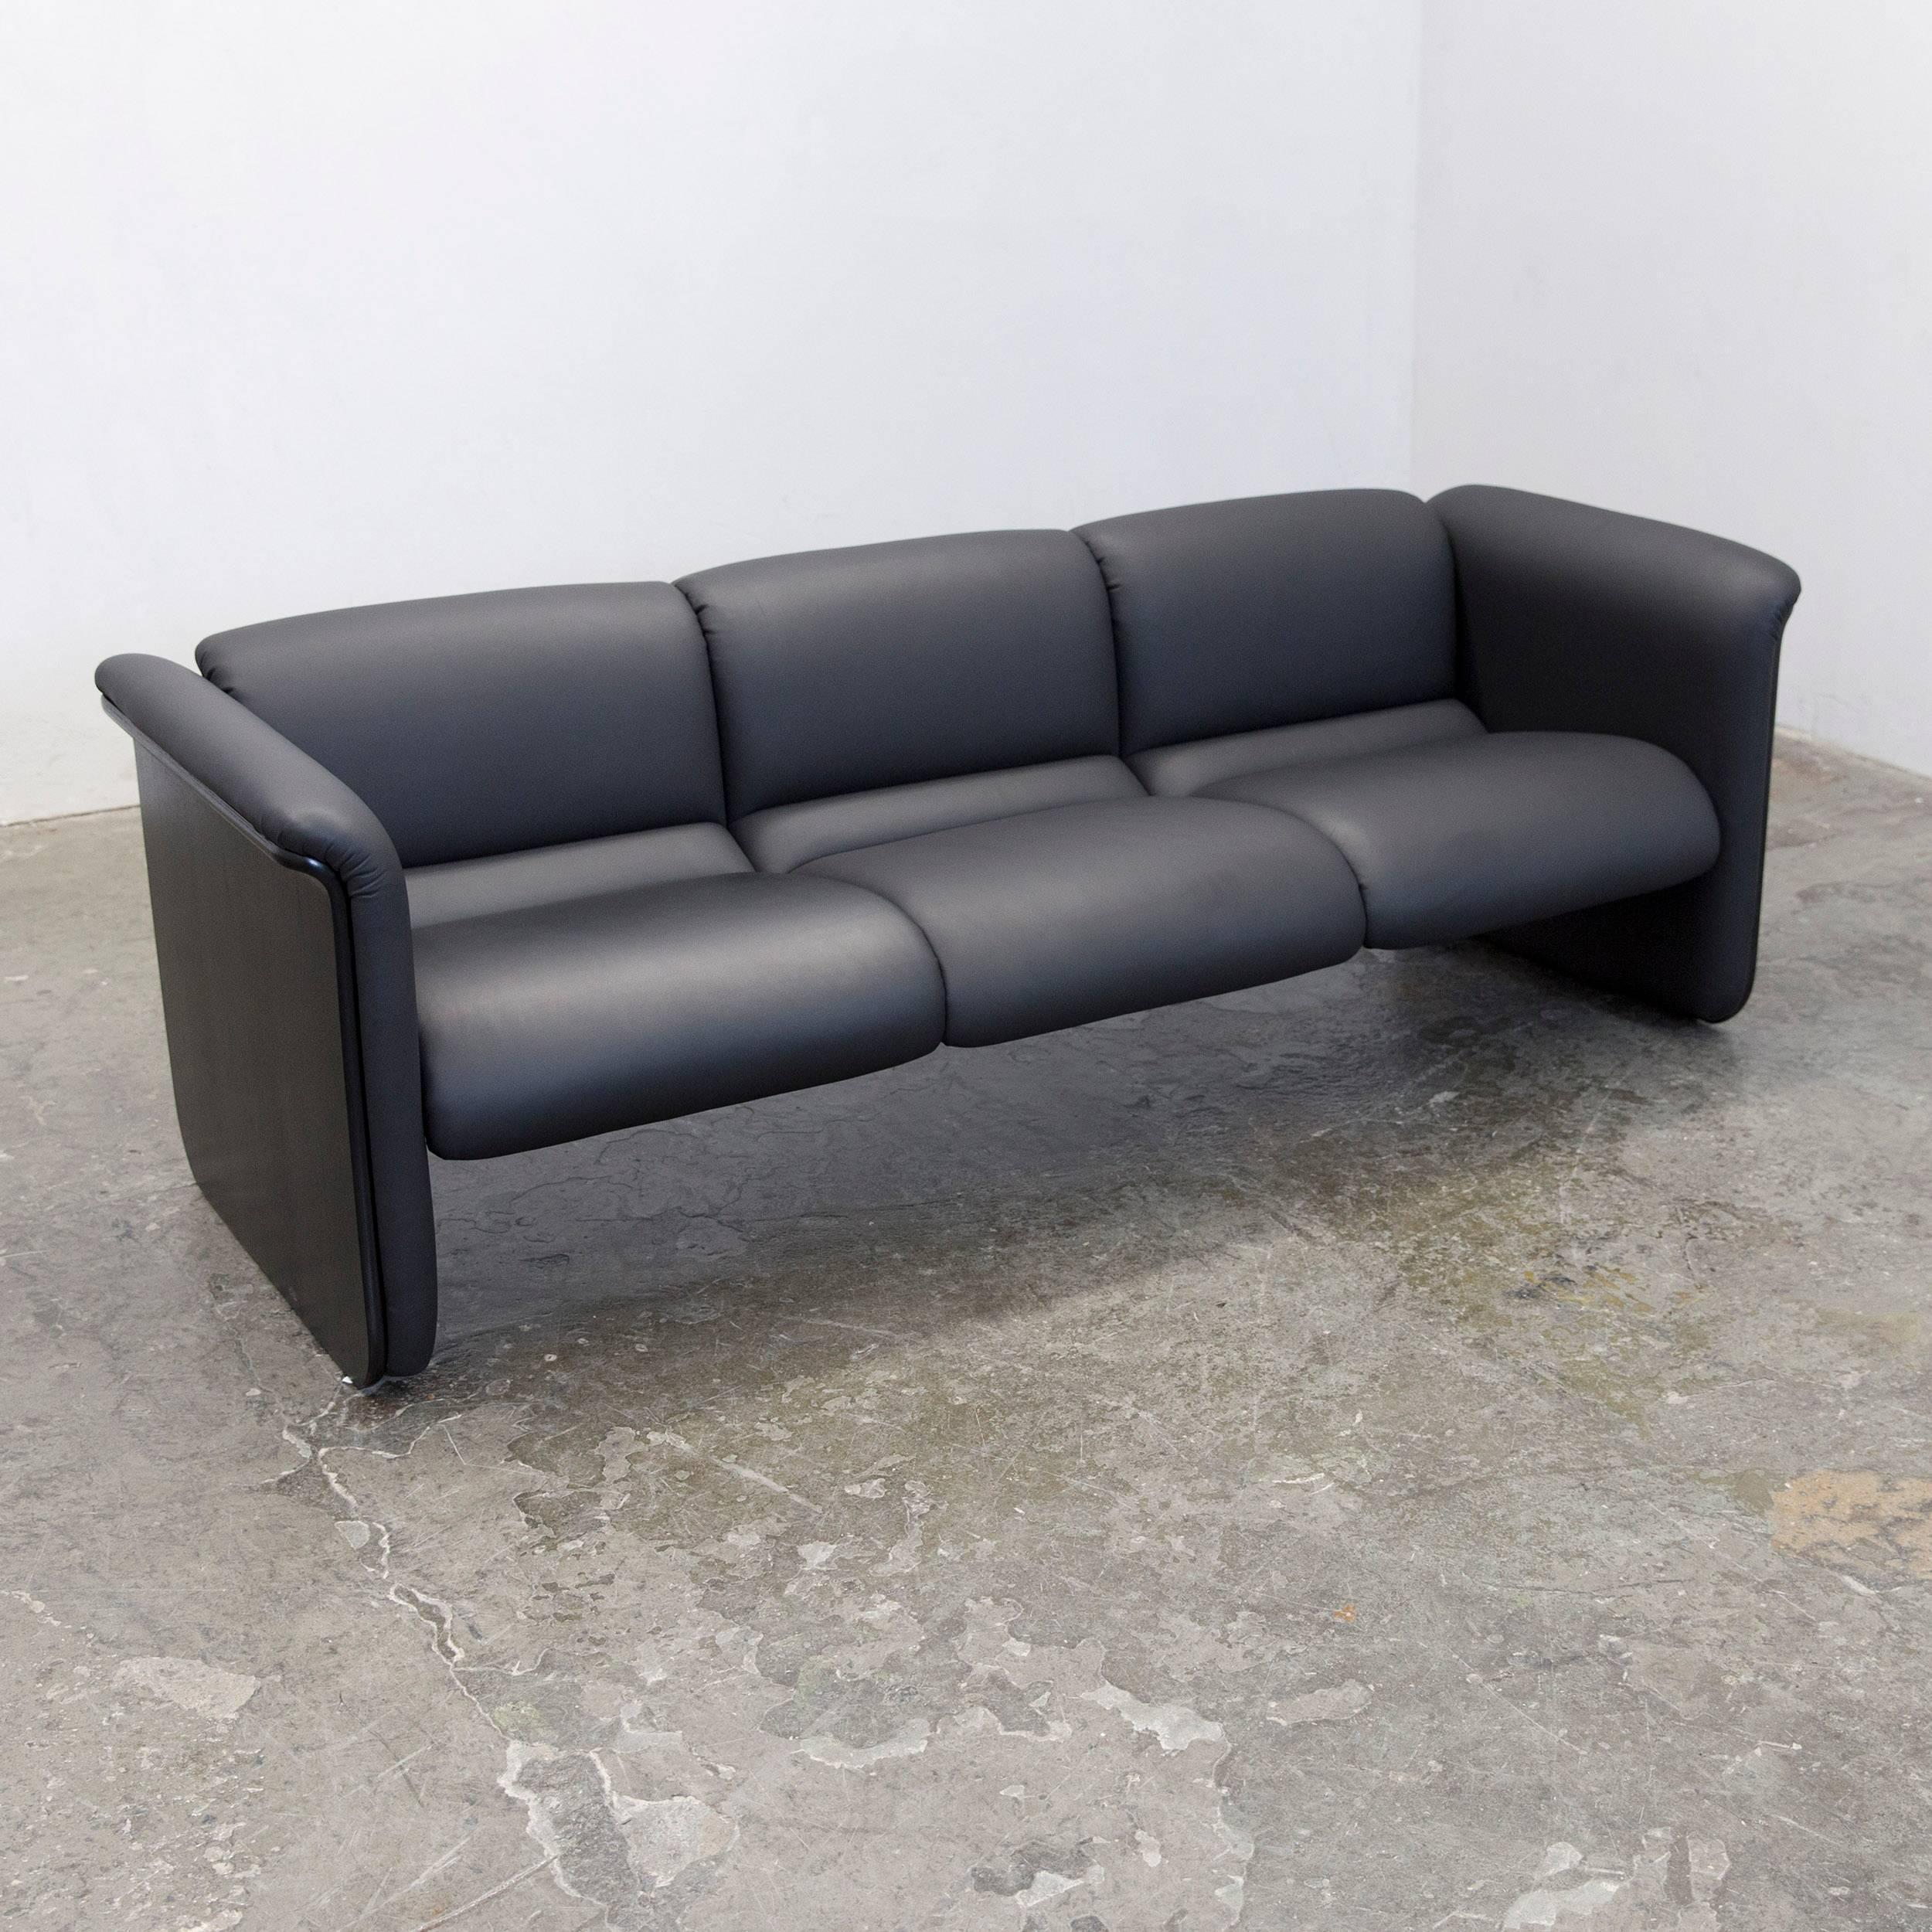 sofa gebraucht kaufen amazing rolf benz sofa kaufen good with sofa gebraucht kaufen top. Black Bedroom Furniture Sets. Home Design Ideas